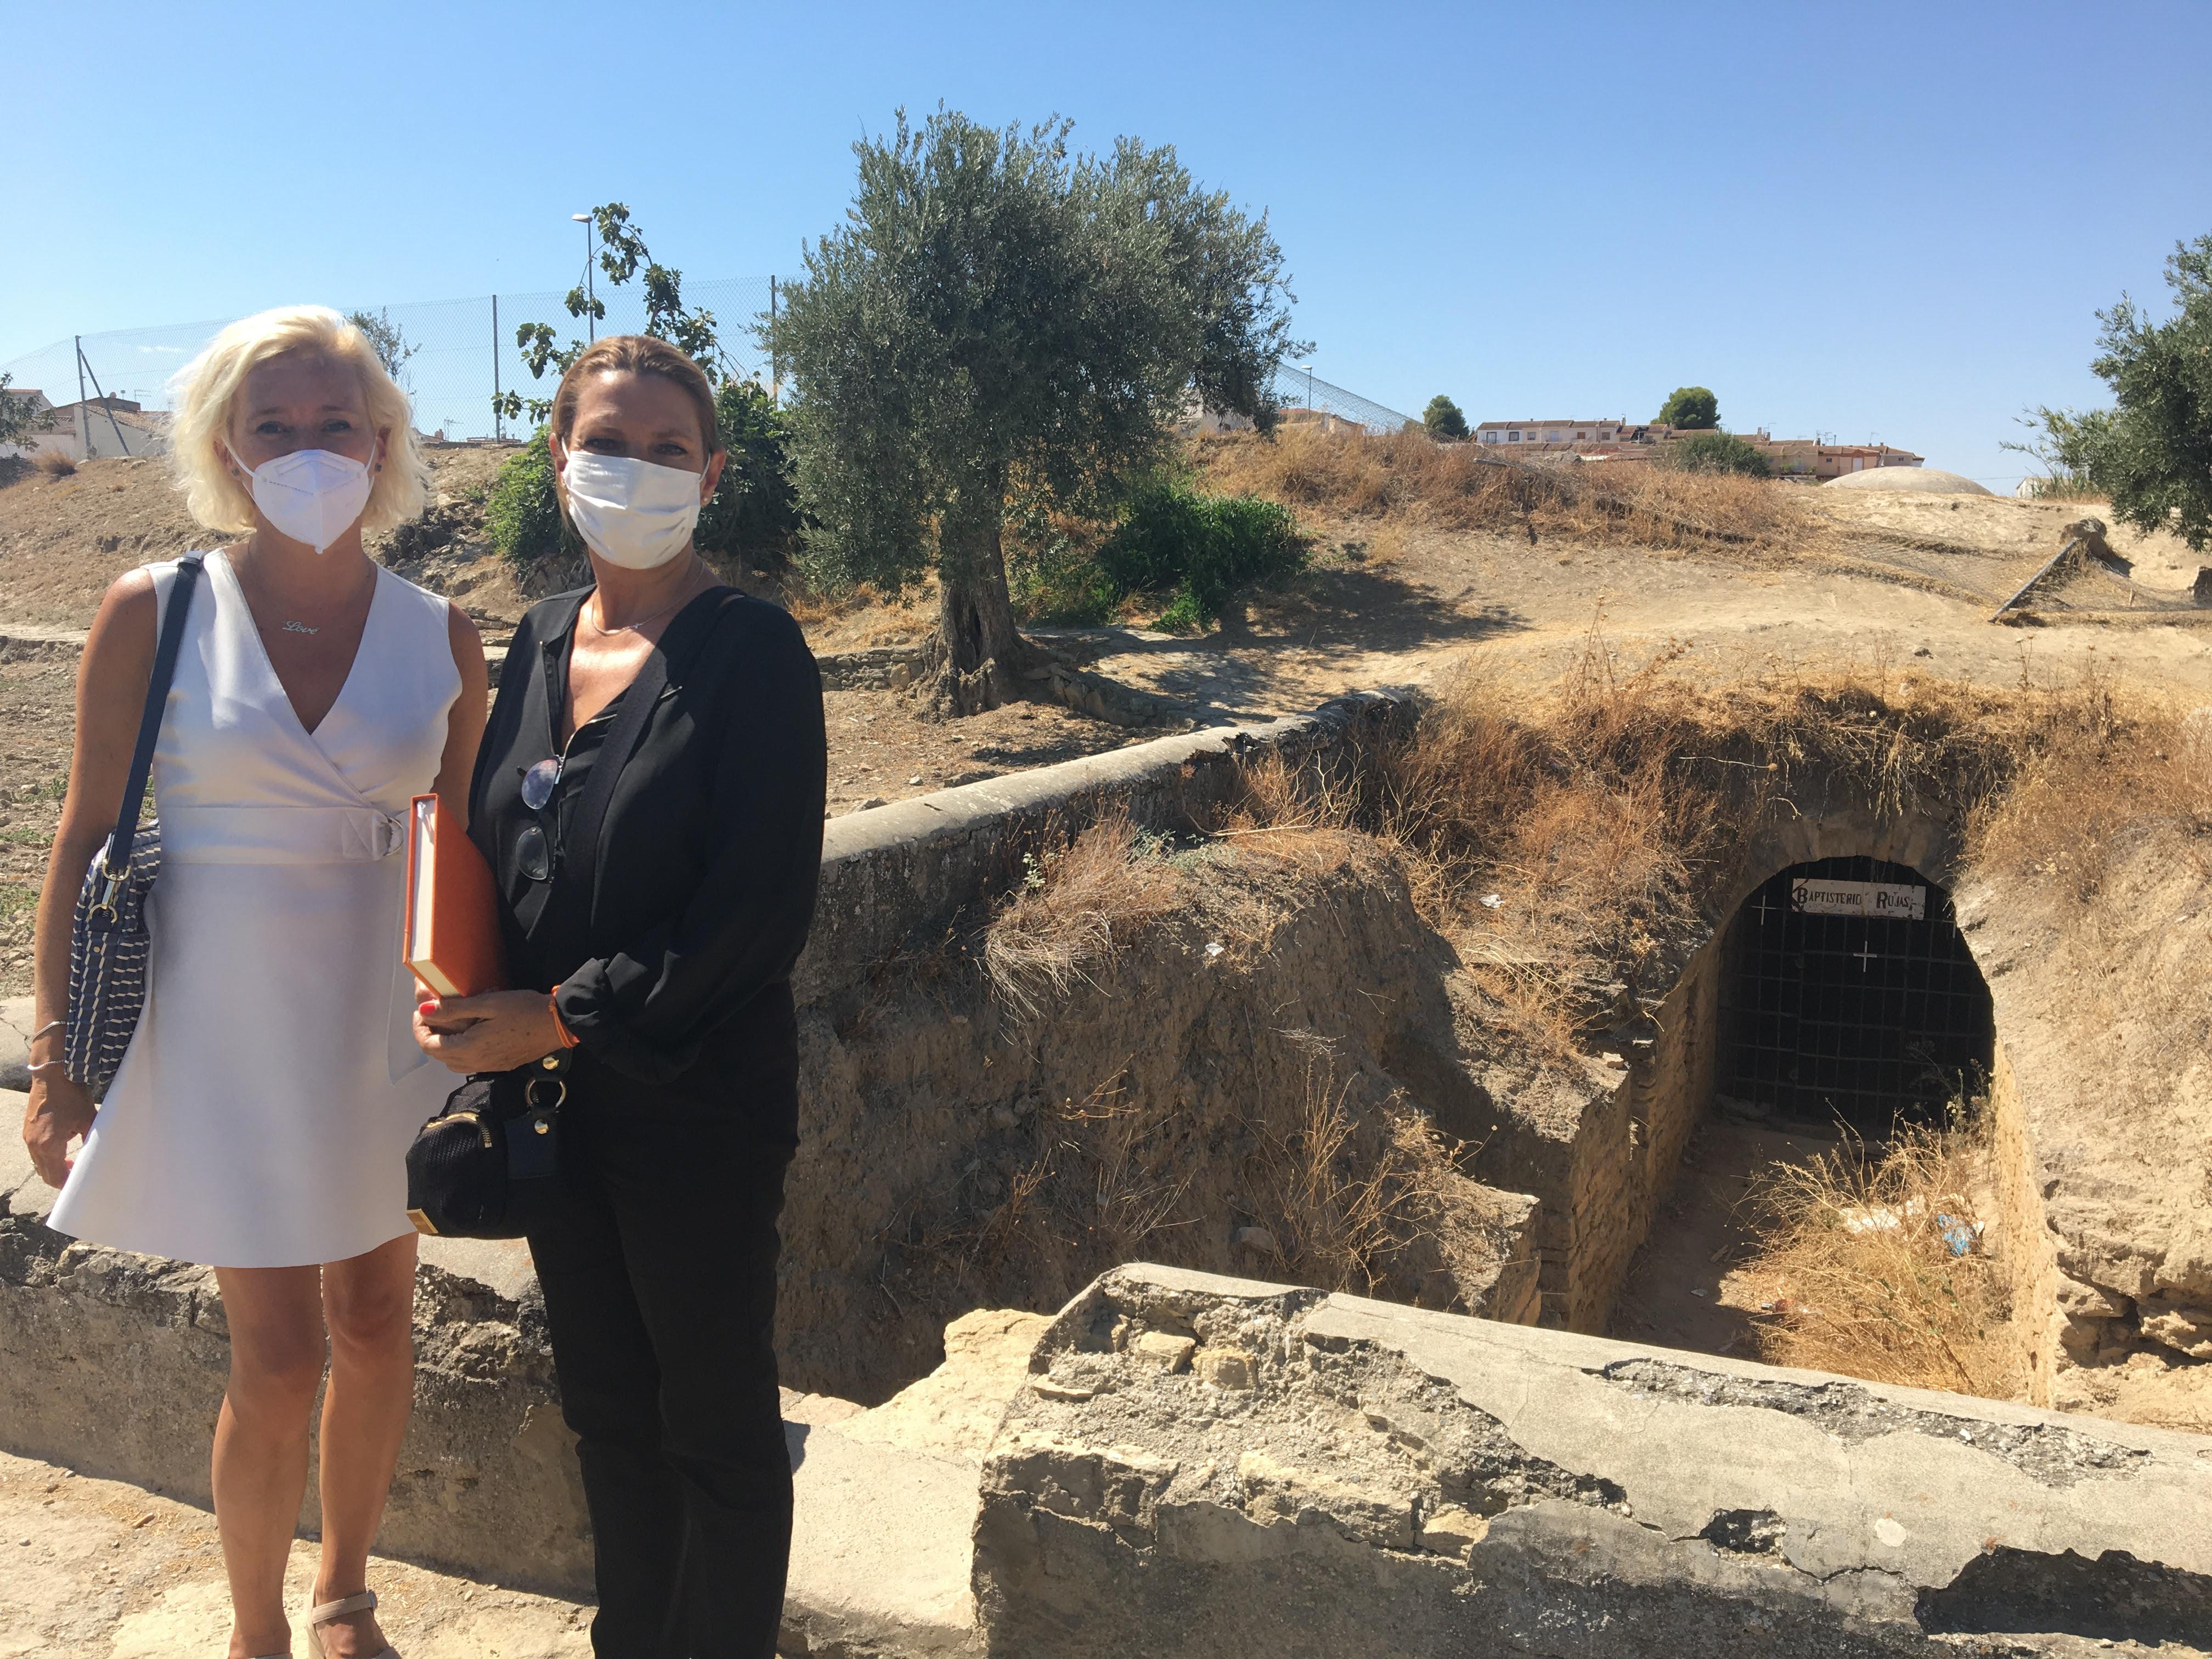 Ciudadanos destaca la recuperación del Criptopórtico romano de Las Gabias gracias a la apuesta de Junta y Ayuntamiento